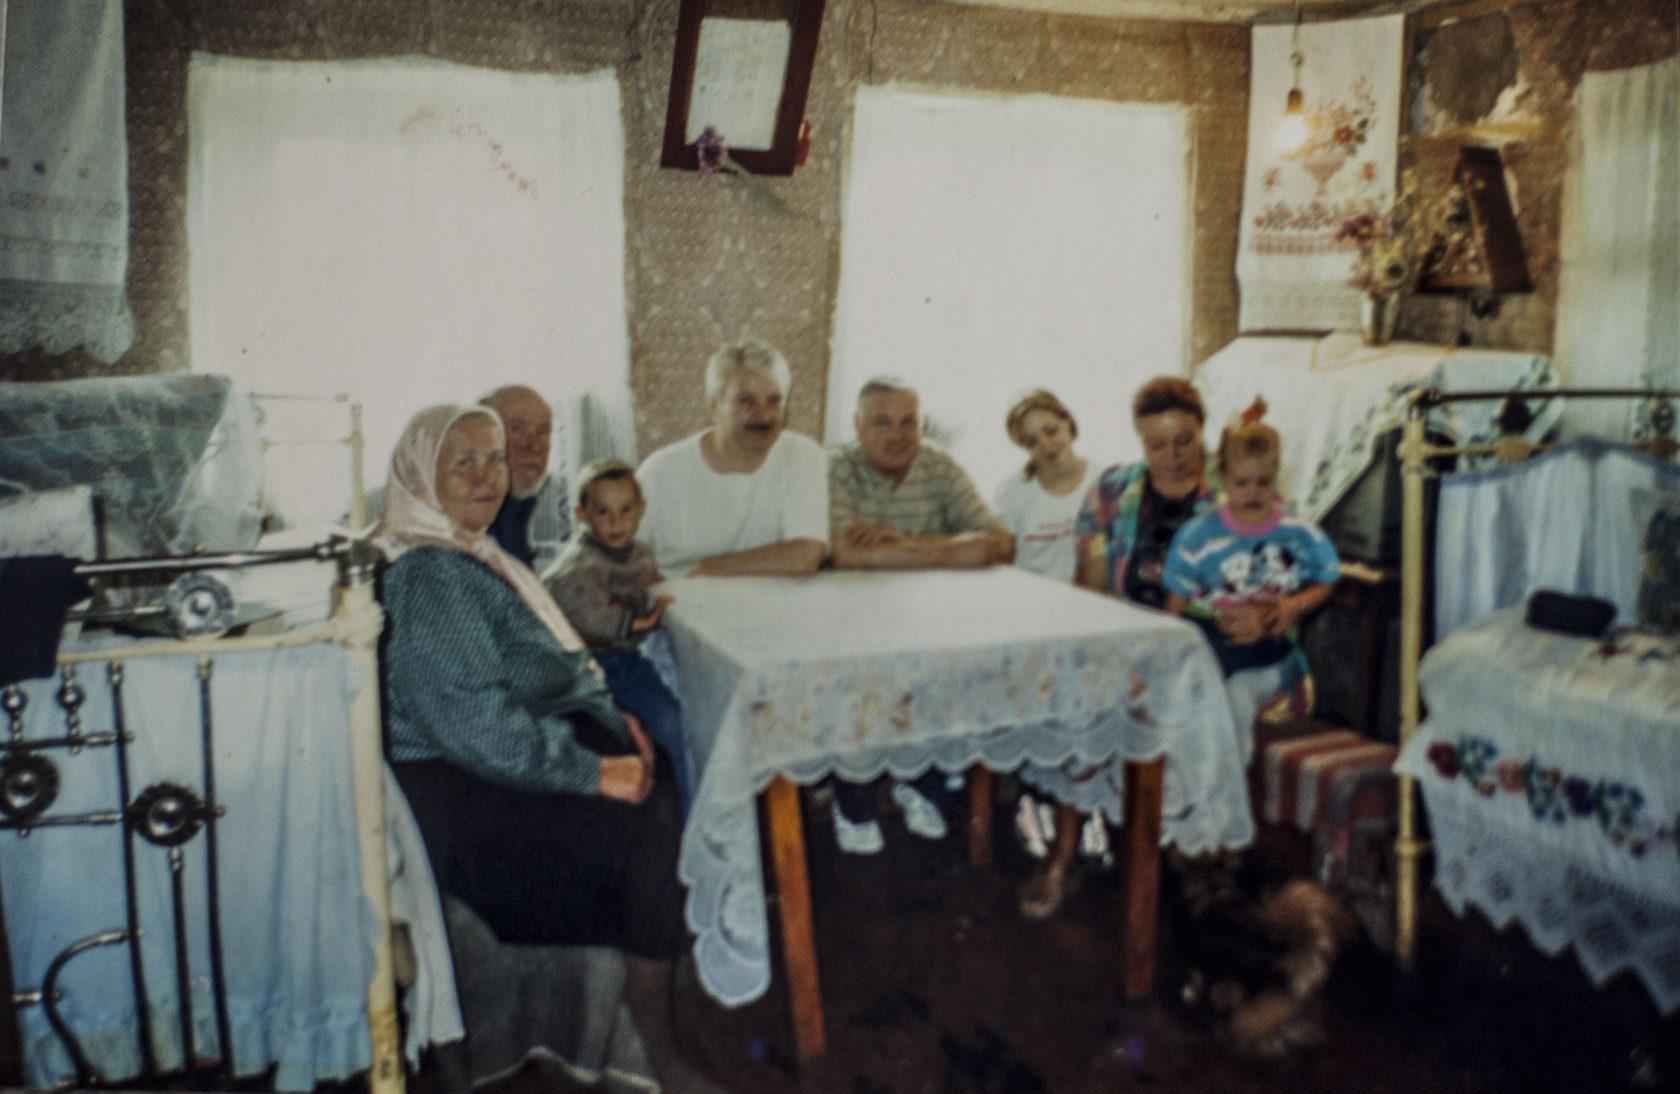 Աննա Կուդրյաշովայի ընտանիքը տան հյուրերի հետ Շորժայում